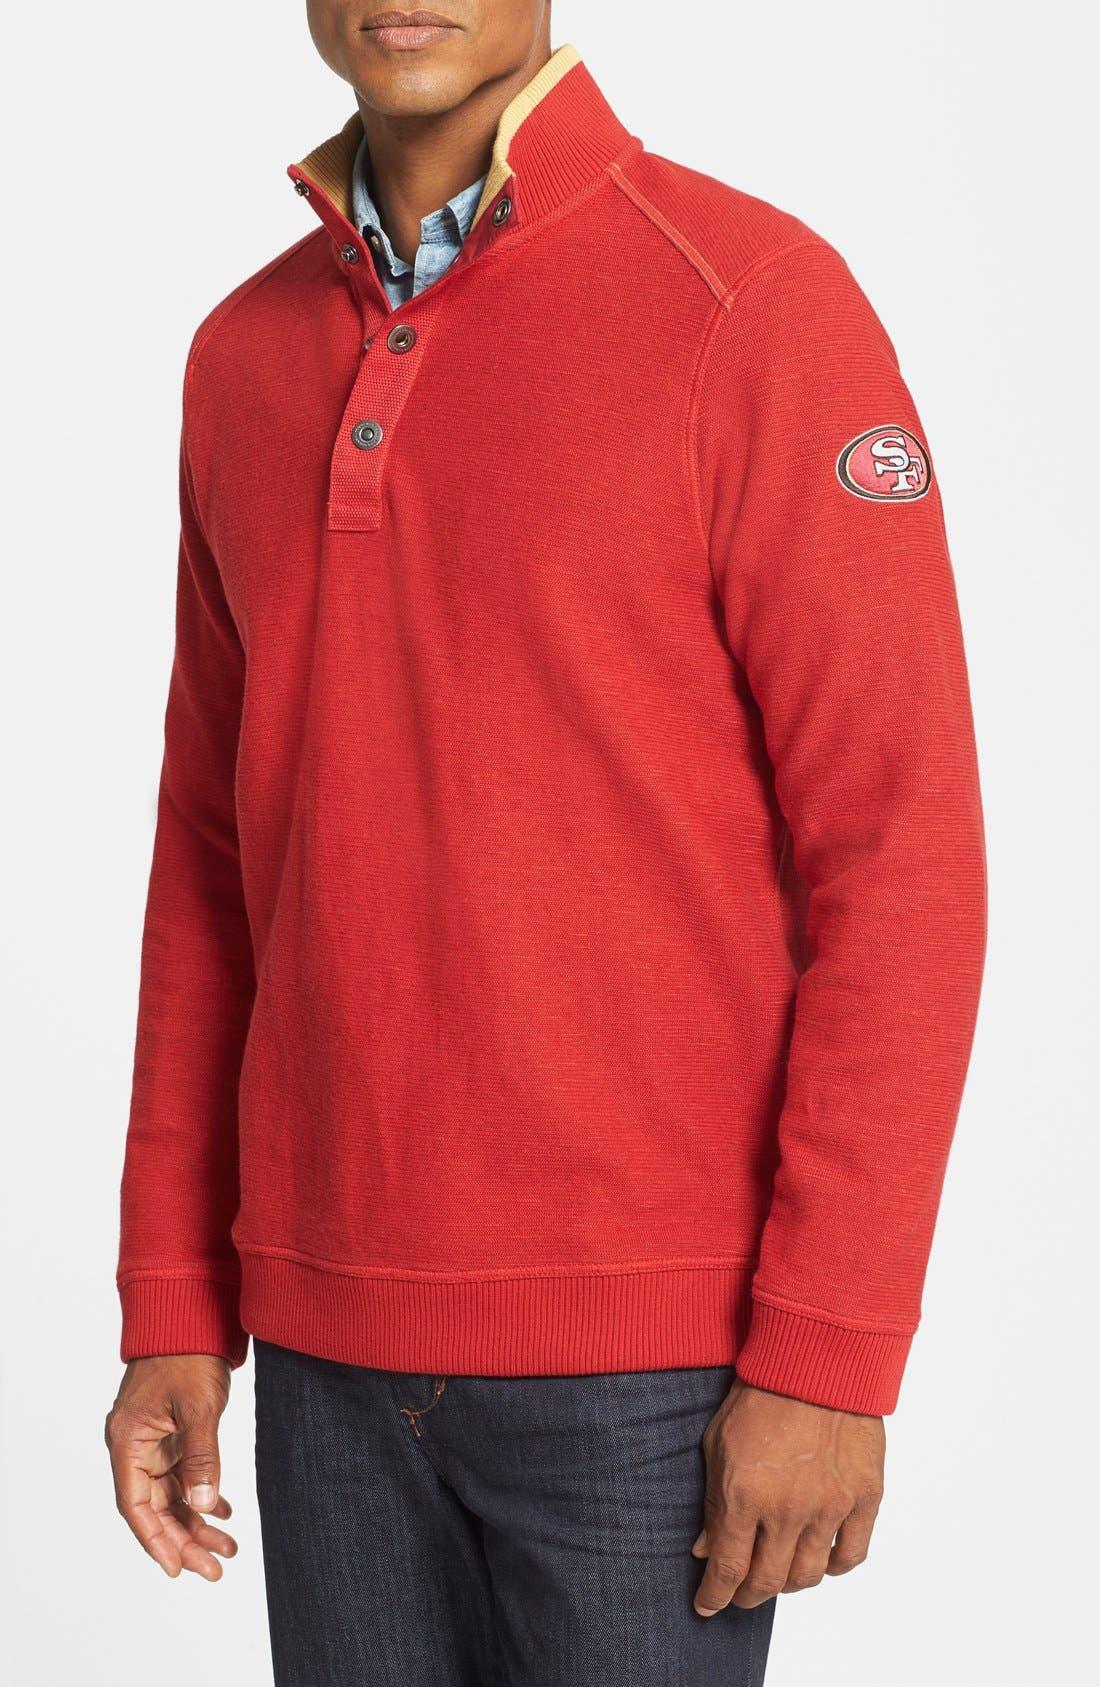 Alternate Image 1 Selected - Tommy Bahama 'San Francisco 49ers - NFL Scrimshaw' Pullover